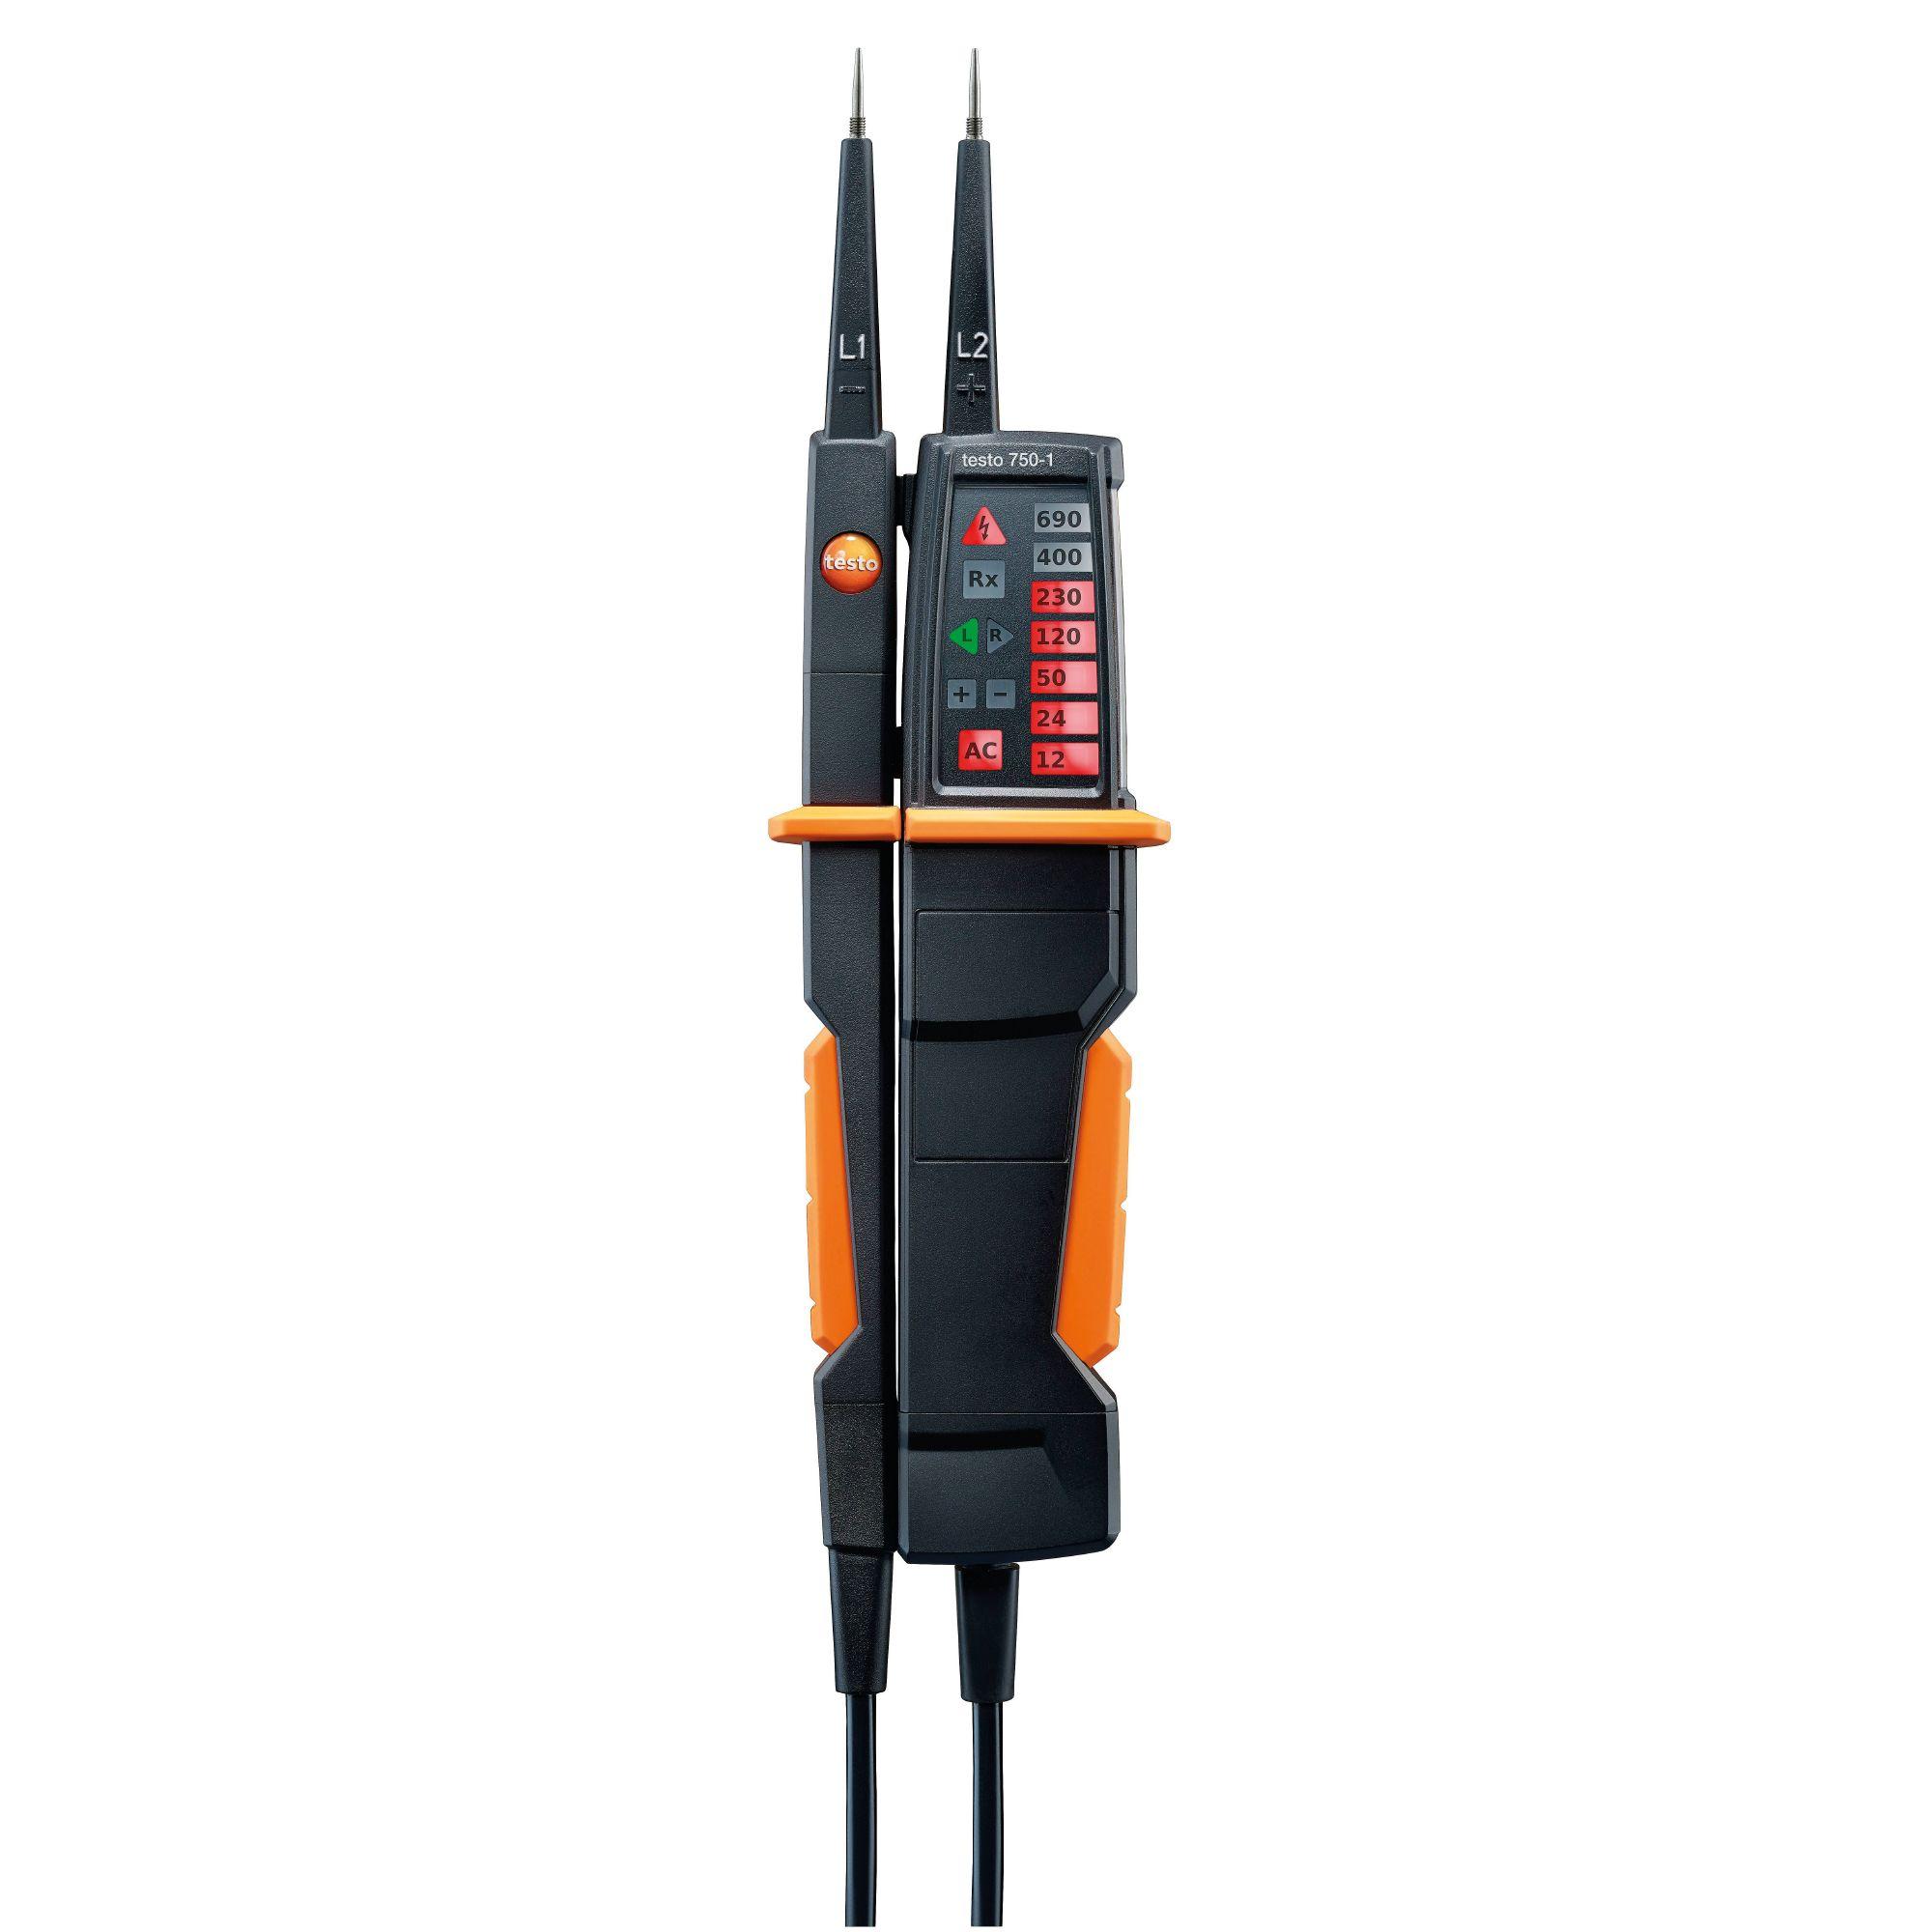 testo 750-1 contrôleur de tension